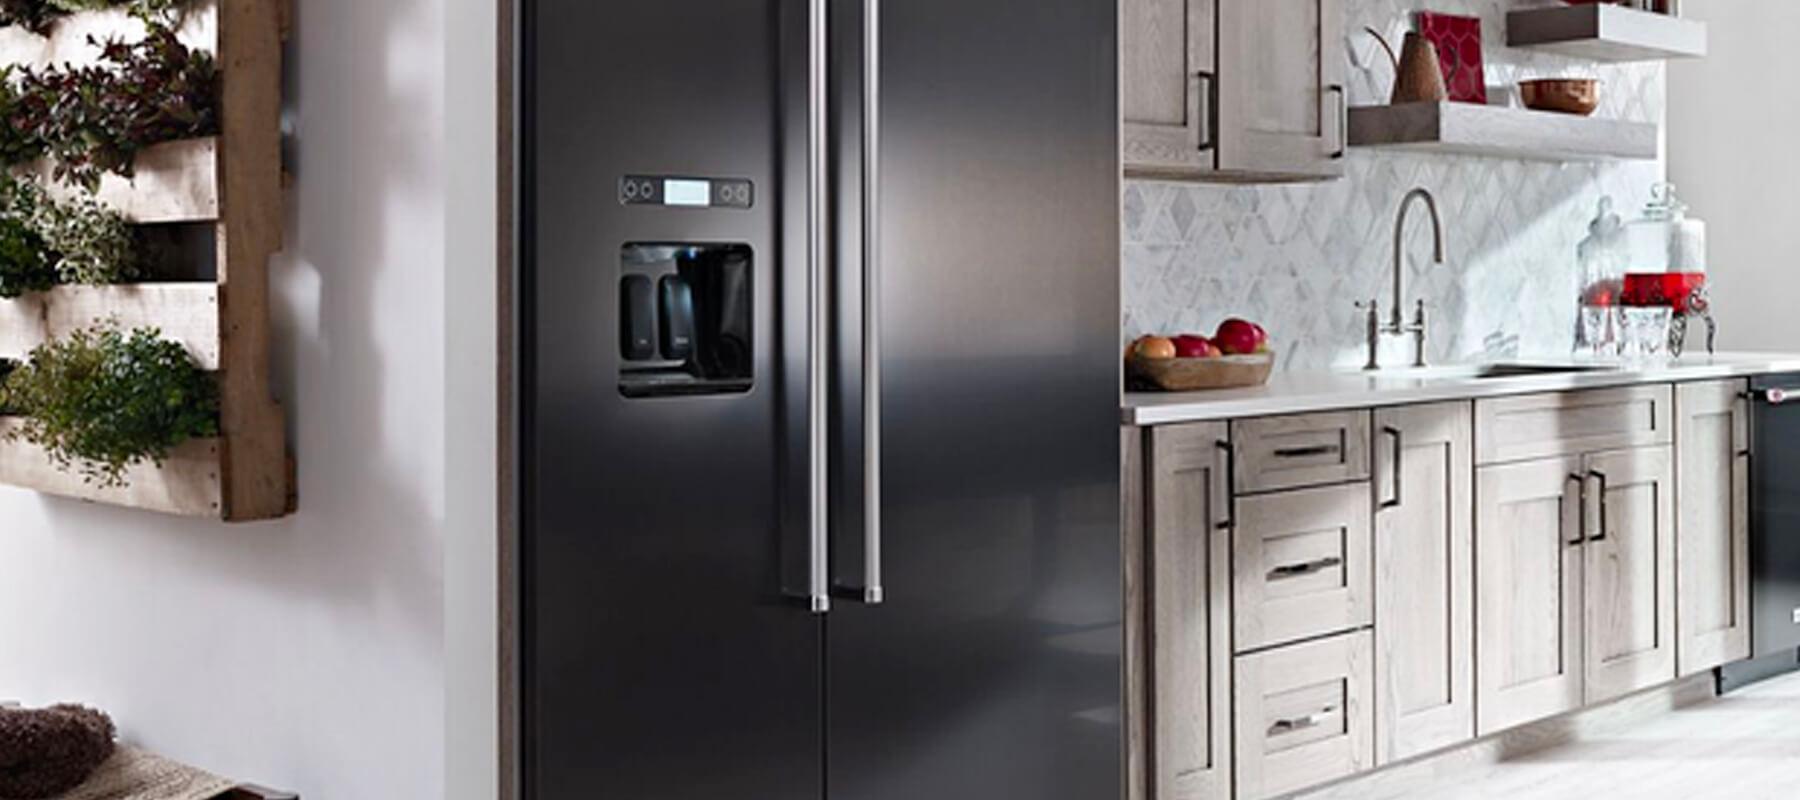 Built in Counter Depth Refrigerator Poway | Built-in Refrigerator Repair